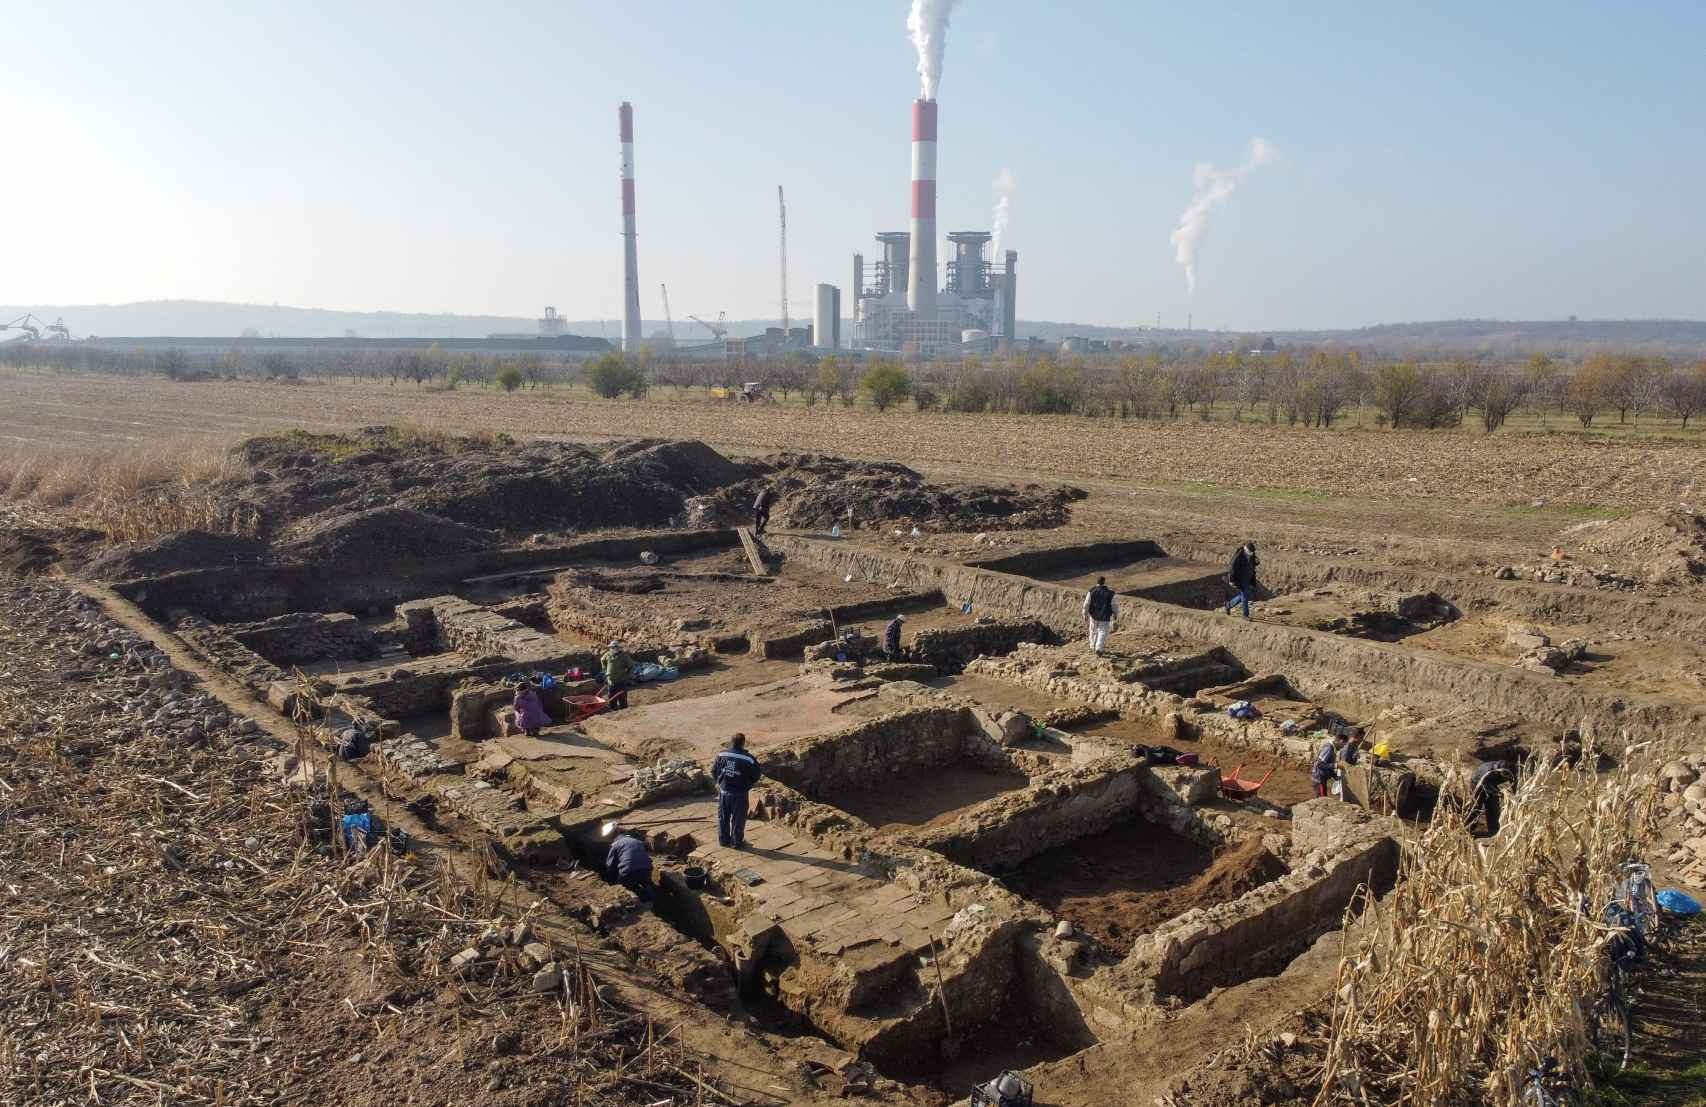 Una espectacular base romana hallada recientemente en Serbia.